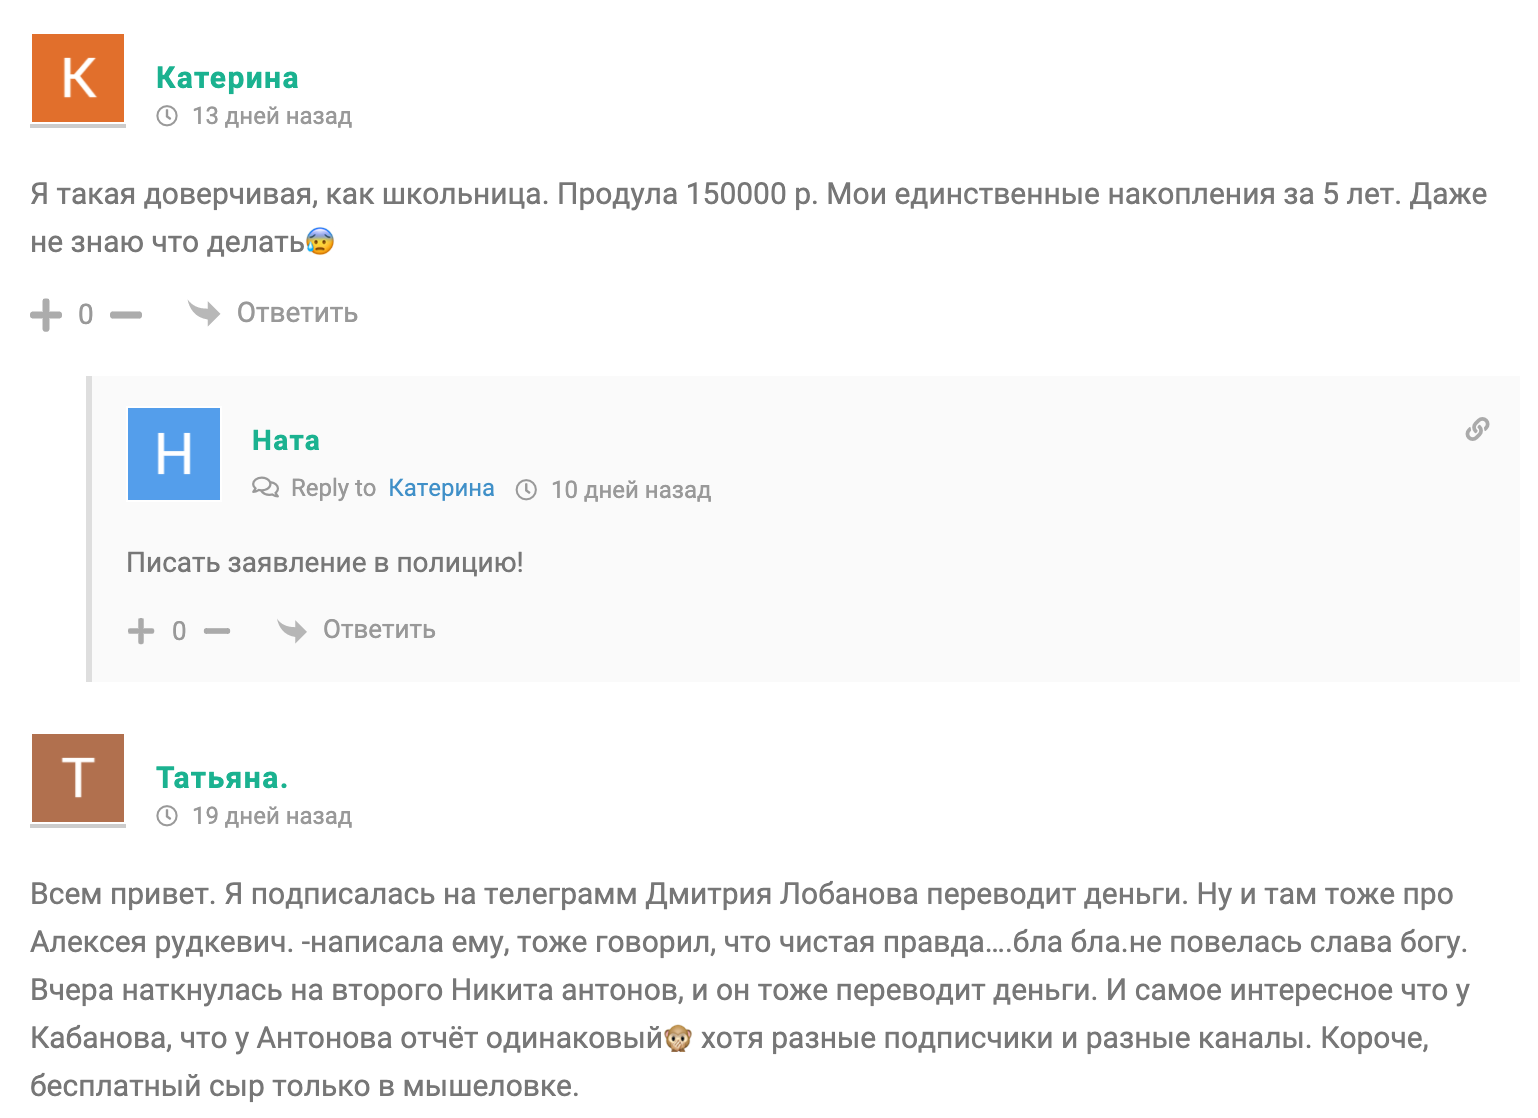 Отзывы о каппере Алексее Рудмане в телеграм